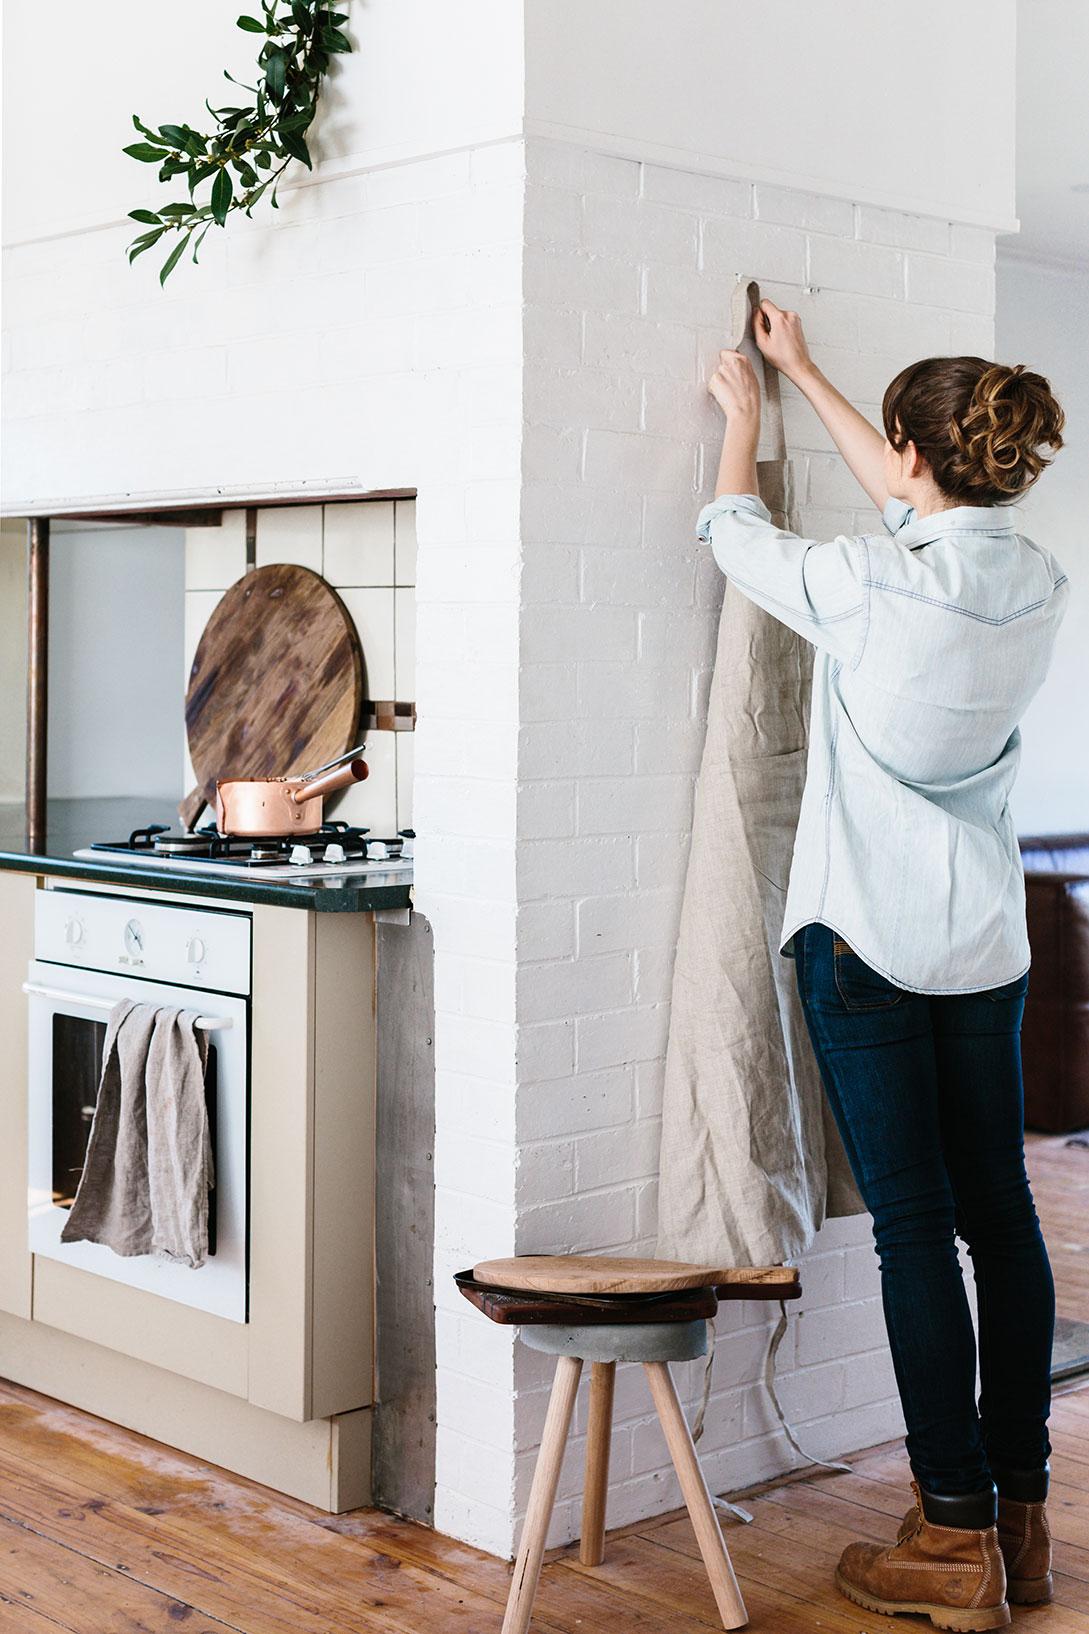 hanging-apron